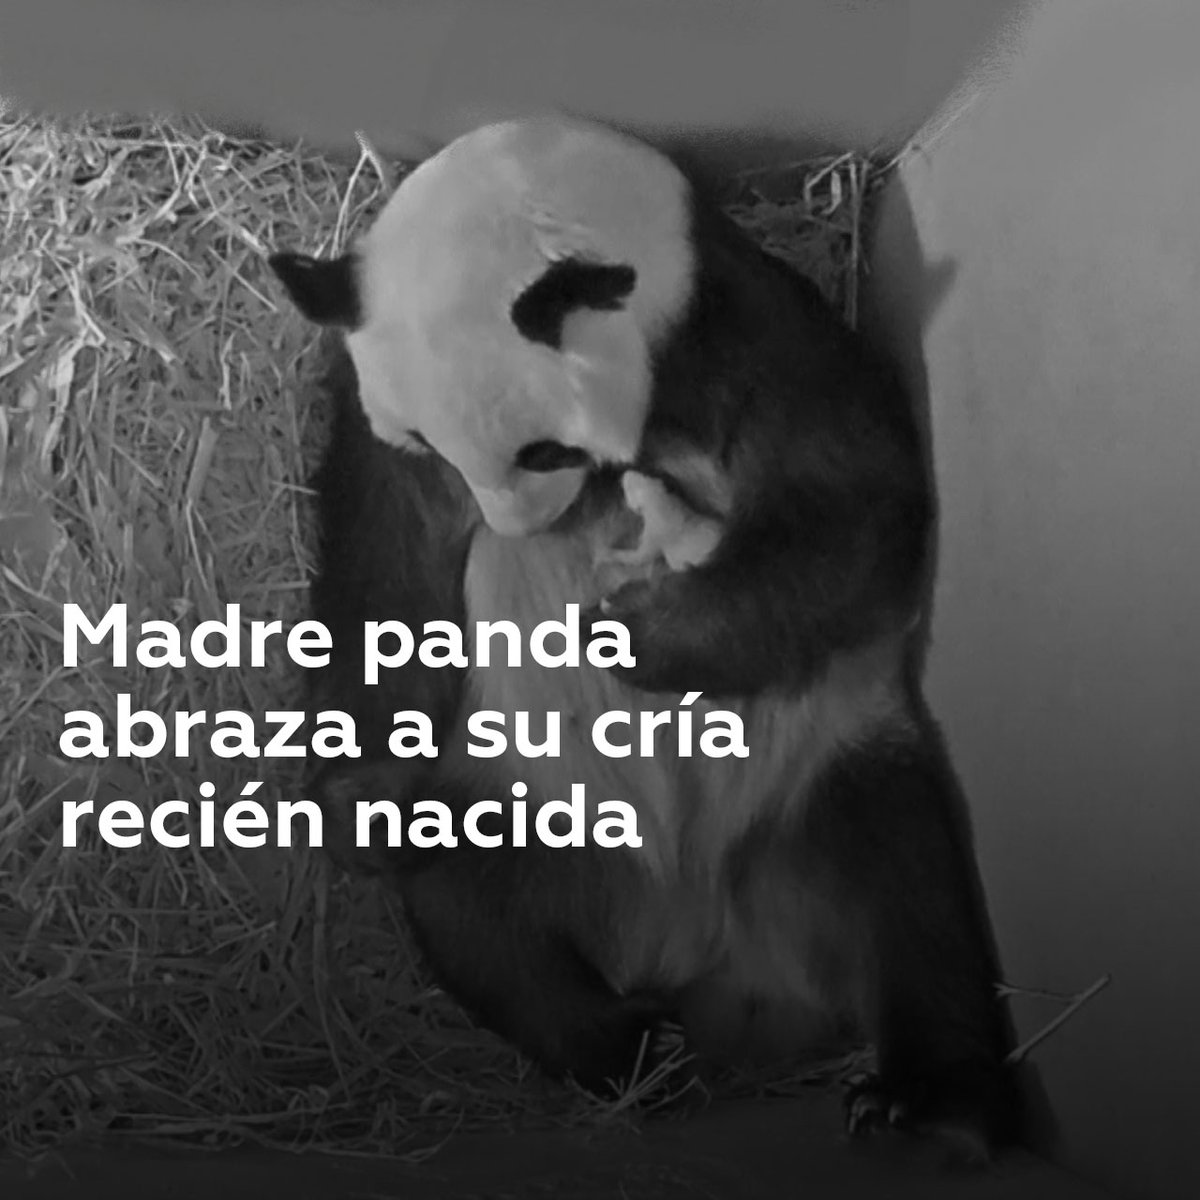 Una cría de panda recién nacida recibe el abrazo de su madre